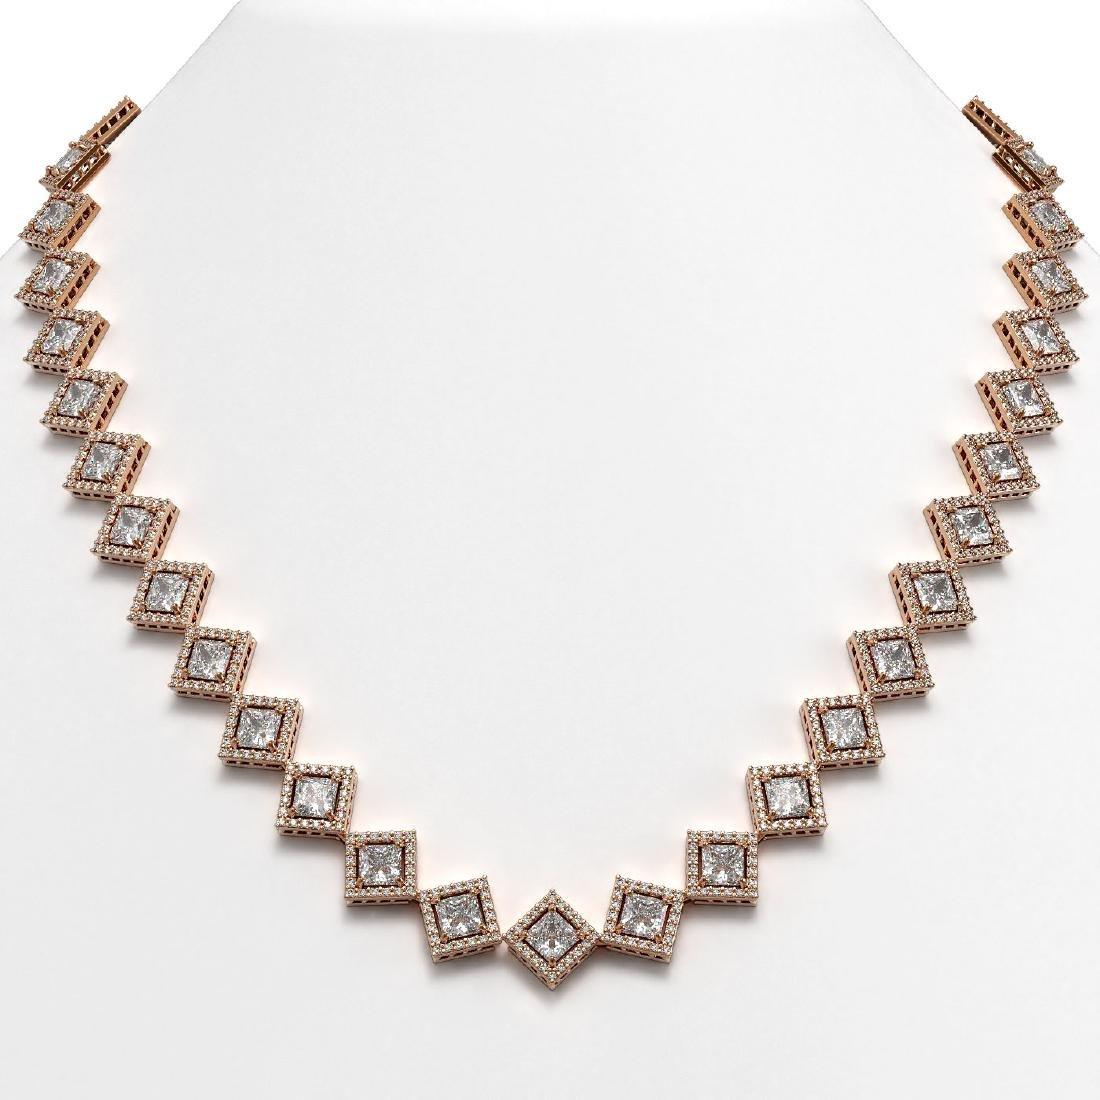 31.92 CTW Princess Cut Diamond Designer Necklace 18K